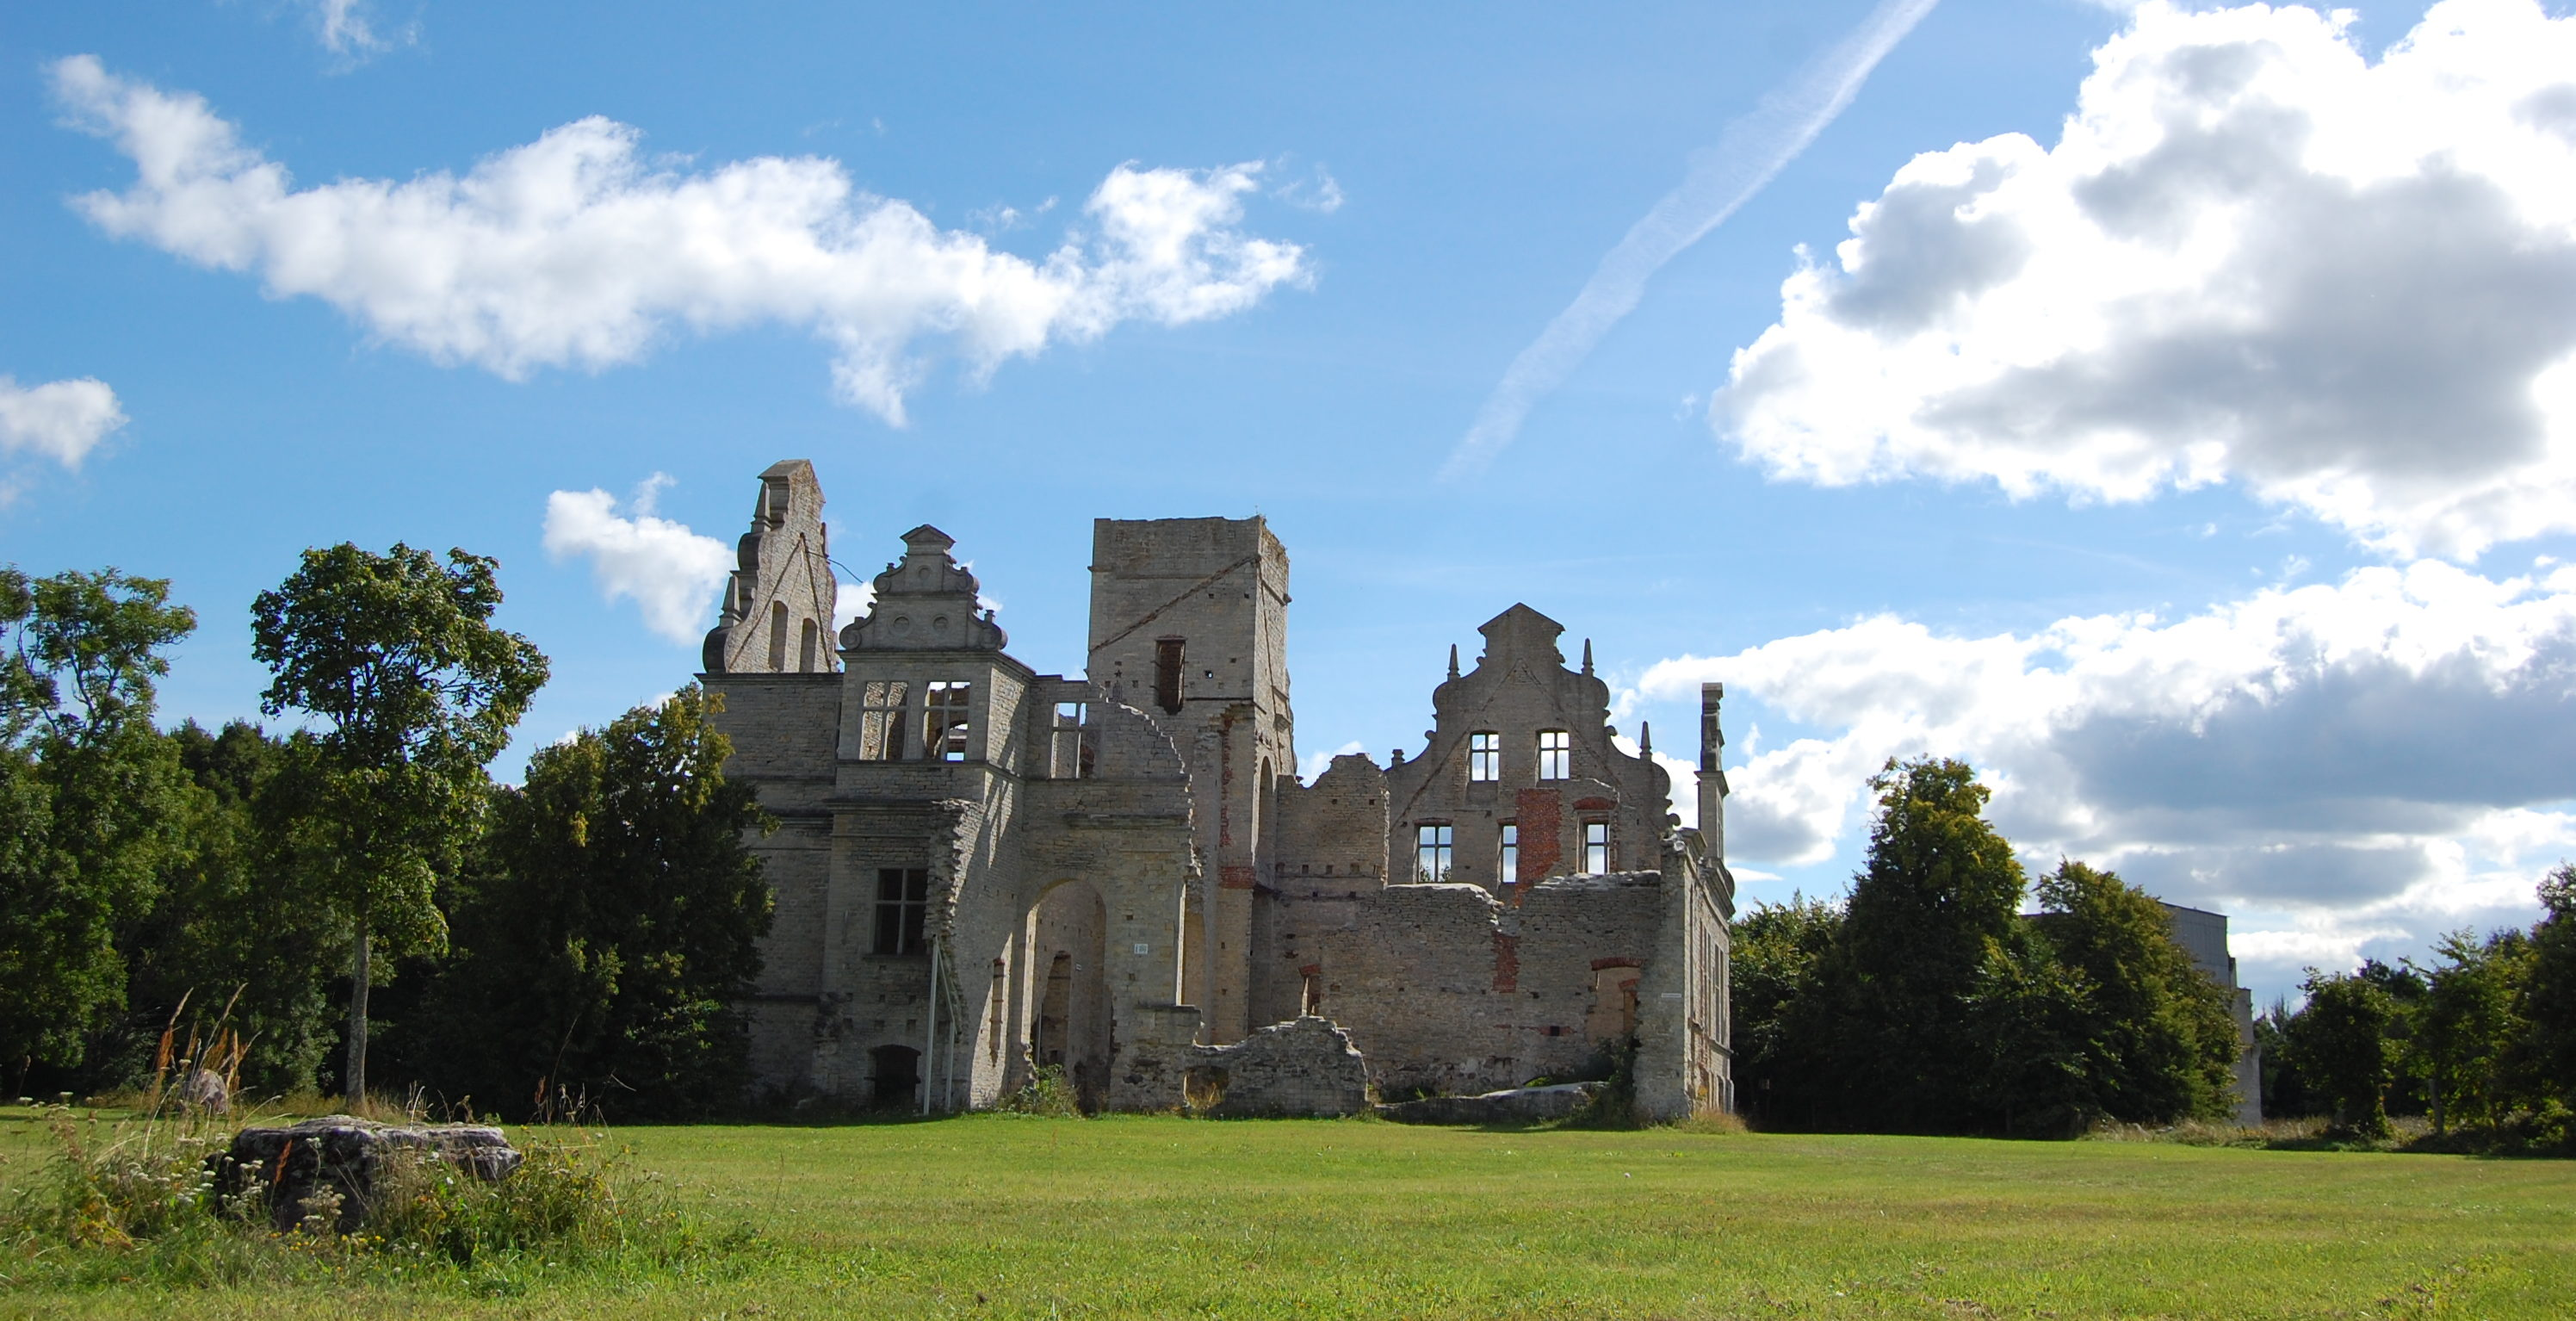 С замком Унгру, находящимся неподалёку от Хаапсалу, связана романтическая история.